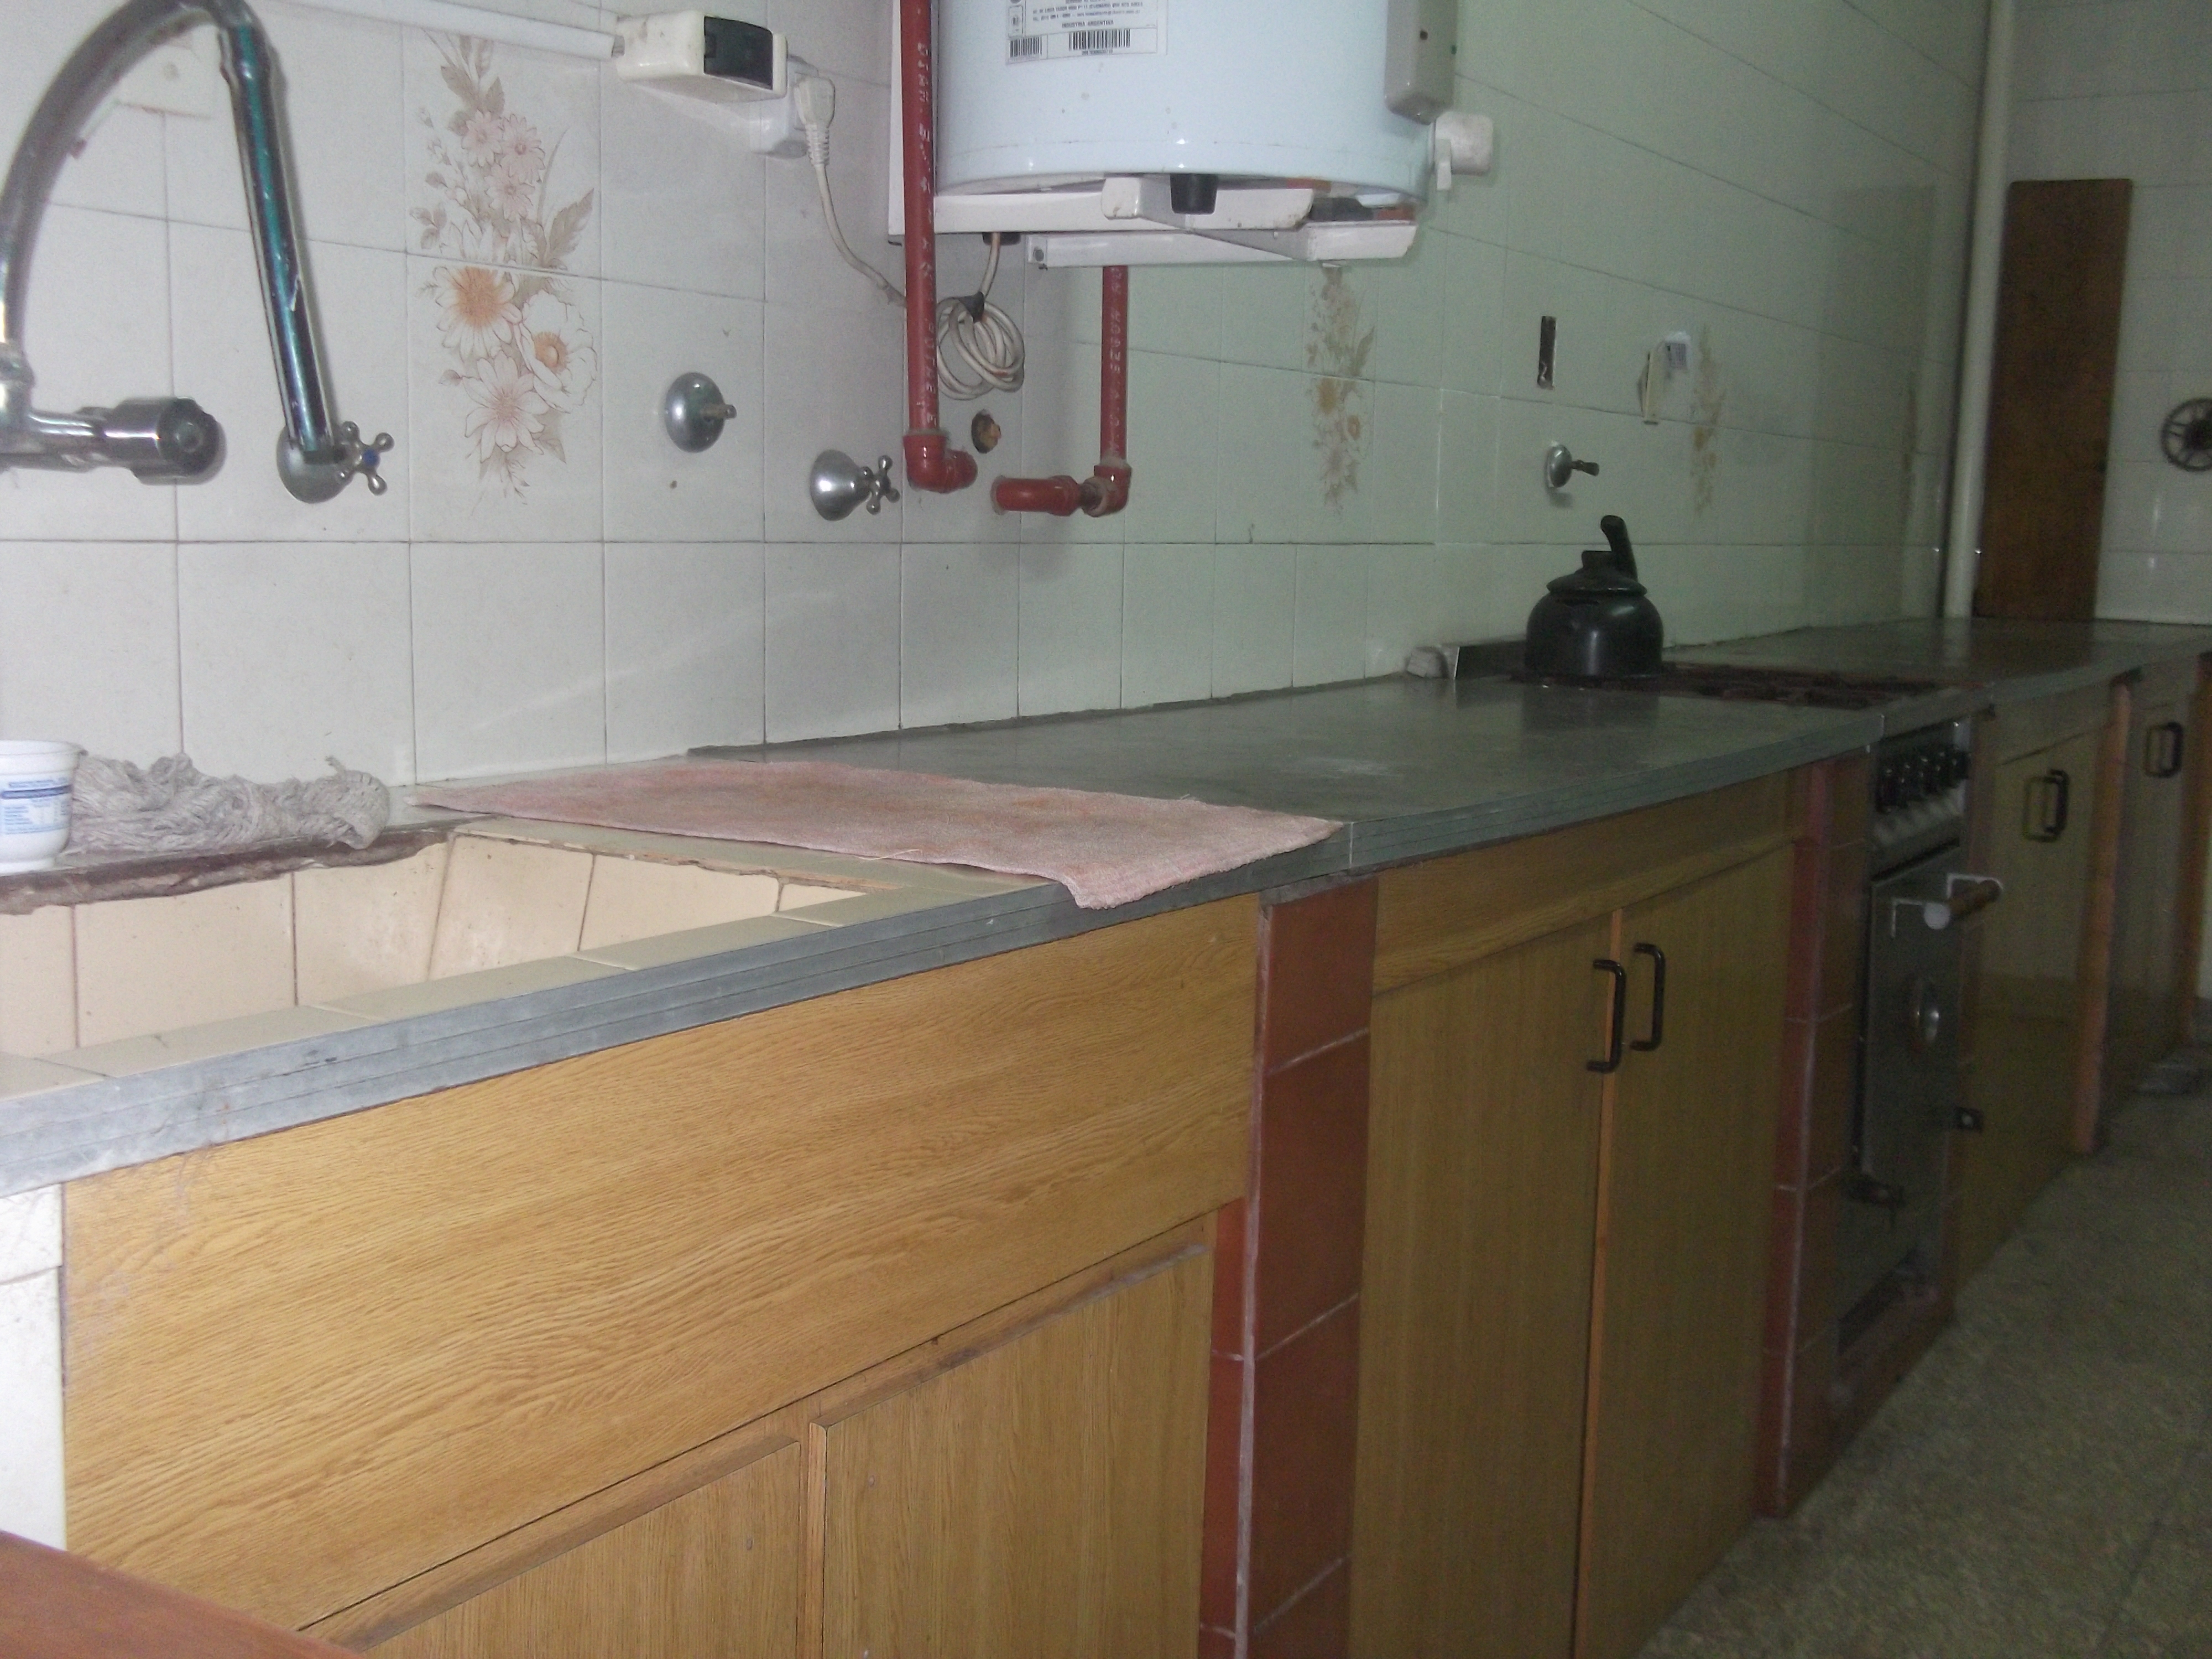 Instalaciones - Sociedad de Fomento Gral. Pico